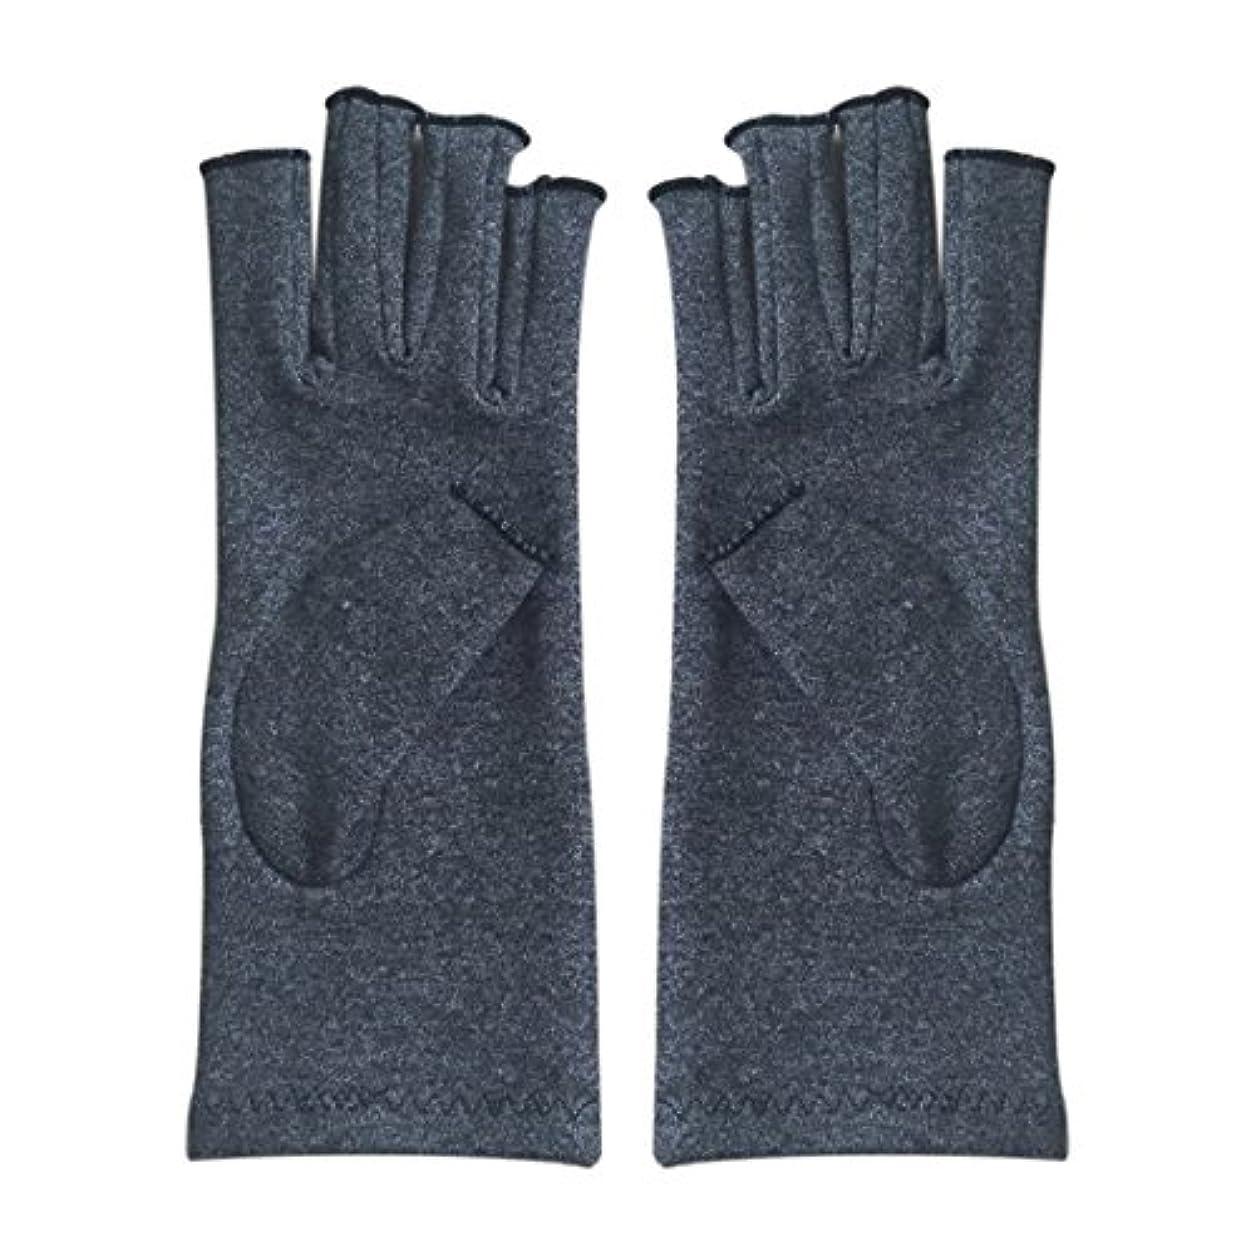 分注する社会主義者デイジーWOVELOT 1ペア成人男性女性用弾性コットンコンプレッション手袋手関節炎関節痛鎮痛軽減S -灰色、S